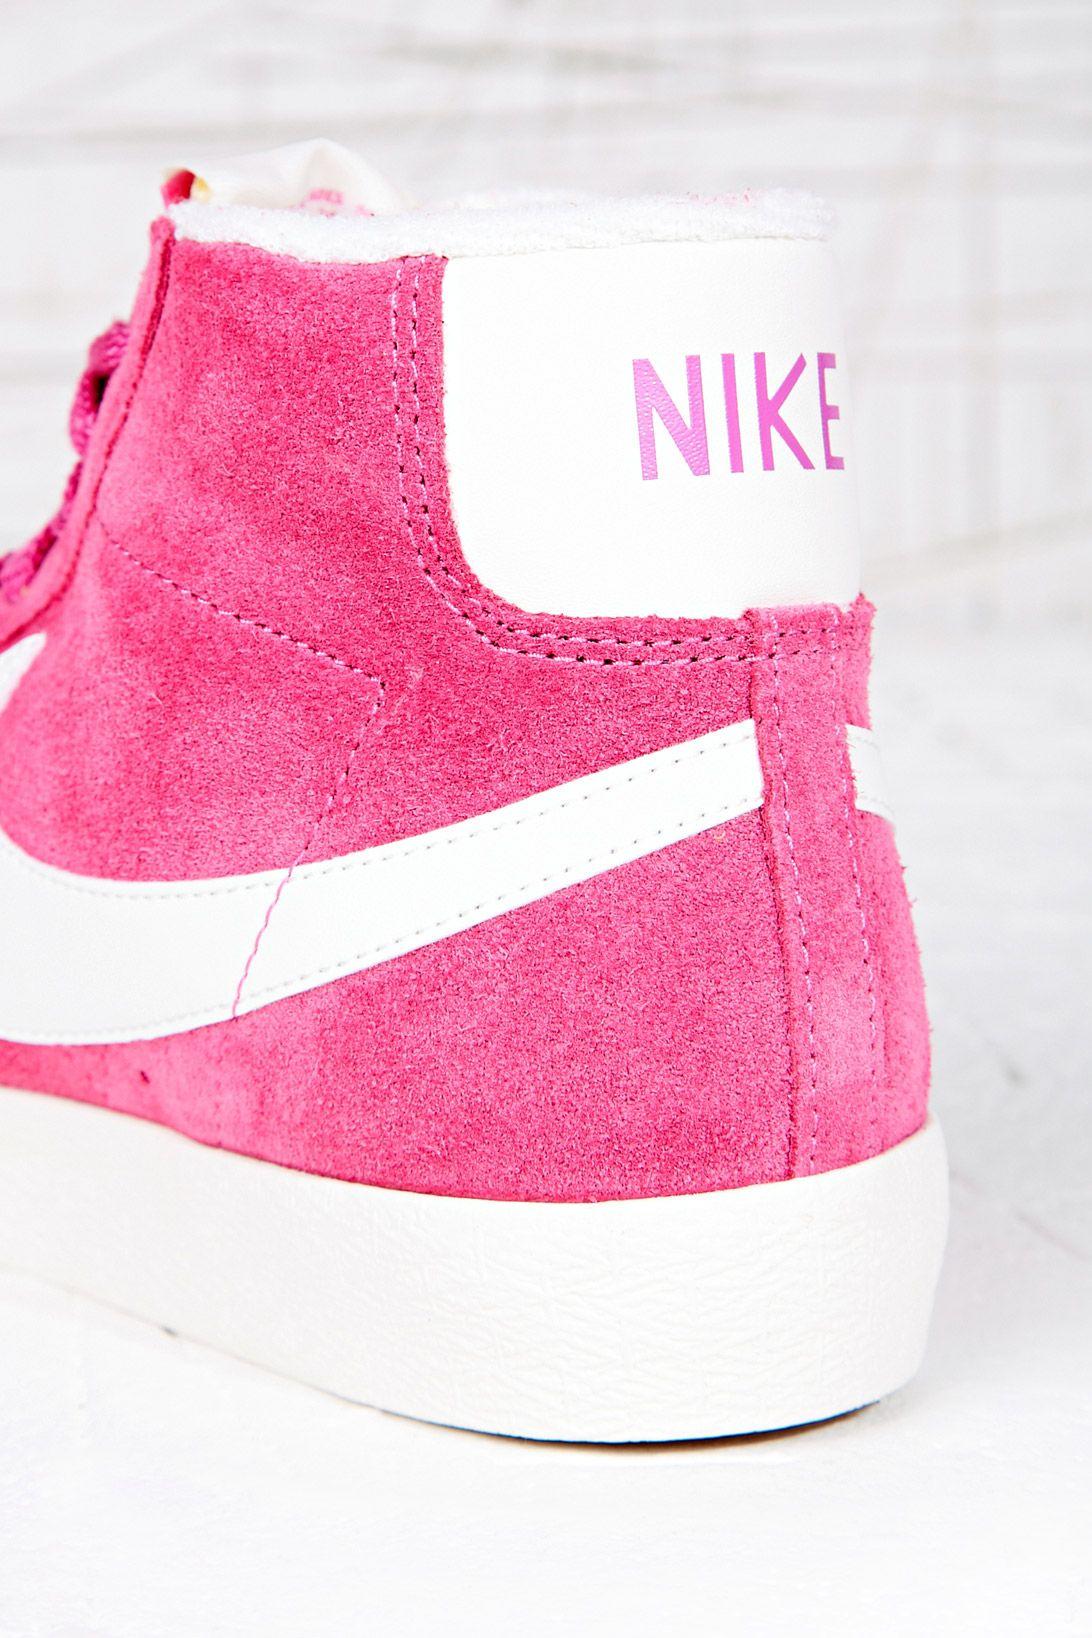 ded765196fe Shoeniverse  NIKE Blazer Hi-Top Trainers In Pink